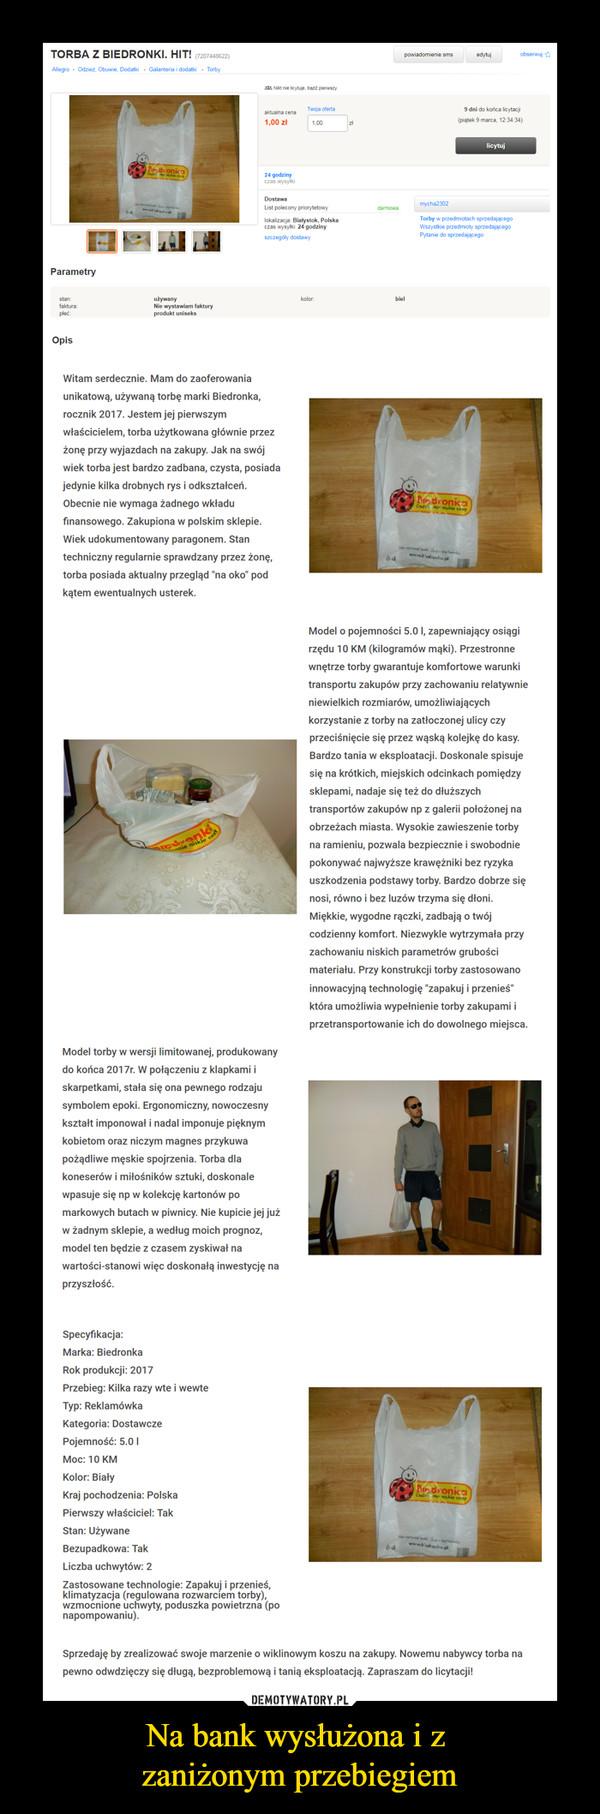 """Na bank wysłużona i z zaniżonym przebiegiem –  Dostawa List polecony priorytetowy lokalizacja: Białystok. Polska czas wysyłki: 24 godziny szczegóły dostawy Witam serdecznie. Mam do zaoferowania unikatową, używaną torbę marki Biedronka, rocznik 2017. Jestem jej pierwszym właścicielem, torba użytkowana głównie przez żonę przy wyjazdach na zakupy. Jak na swój wiek torba jest bardzo zadbana, czysta, posiada jedynie kilka drobnych rys i odkształceń. Obecnie nie wymaga żadnego wkładu finansowego. Zakupiona w polskim sklepie. Wiek udokumentowany paragonem. Stan techniczny regularnie sprawdzany przez żonę, torba posiada aktualny przegląd """"na oko"""" pod kątem ewentualnych usterek. Model torby w wersji limitowanej, produkowany do końca 2017r. W połączeniu z klapkami i skarpetkami, stała się ona pewnego rodzaju symbolem epoki. Ergonomiczny, nowoczesny kształt imponował i nadal imponuje pięknym kobietom oraz niczym magnes przykuwa pożądliwe męskie spojrzenia. Torba dla koneserów i miłośników sztuki, doskonale wpasuje się np w kolekcję kartonów po markowych butach w piwnicy. Nie kupicie jej już w żadnym sklepie, a według moich prognoz, model ten będzie z czasem zyskiwał na wartości-stanowi więc doskonałą inwestycję na przyszłość. Specyfikacja: Marka: Biedronka Rok produkcji: 2017 Przebieg: Kilka razy wte i wewte Typ: Reklamówka Kategoria: Dostawcze Pojemność: 5.0 I Moc: 10 KM Kolor: Biały Kraj pochodzenia: Polska Pierwszy właściciel: Tak Stan: Używane Bezupadkowa: Tak Liczba uchwytów: 2 Zastosowane technologie: Zapakuj i przenieś, klimatyzacja (regulowana rozwarciem torby), wzmocnione uchwyty, poduszka powietrzna (po napompowaniu). kolor: zł darmowa biel powiadomienie sms edytuj mycha2302 obserwuj 9 dni do końca licytacji (piątek 9 marca, 12:34:34) licytuj Torby w przedmiotach sprzedającego Wszystkie przedmioty sprzedającego Pytanie do sprzedającego Model o pojemności 5.0 I, zapewniający osiągi rzędu 10 KM (kilogramów mąki). Przestronne wnętrze torby gwarantuje komfortowe warunki """